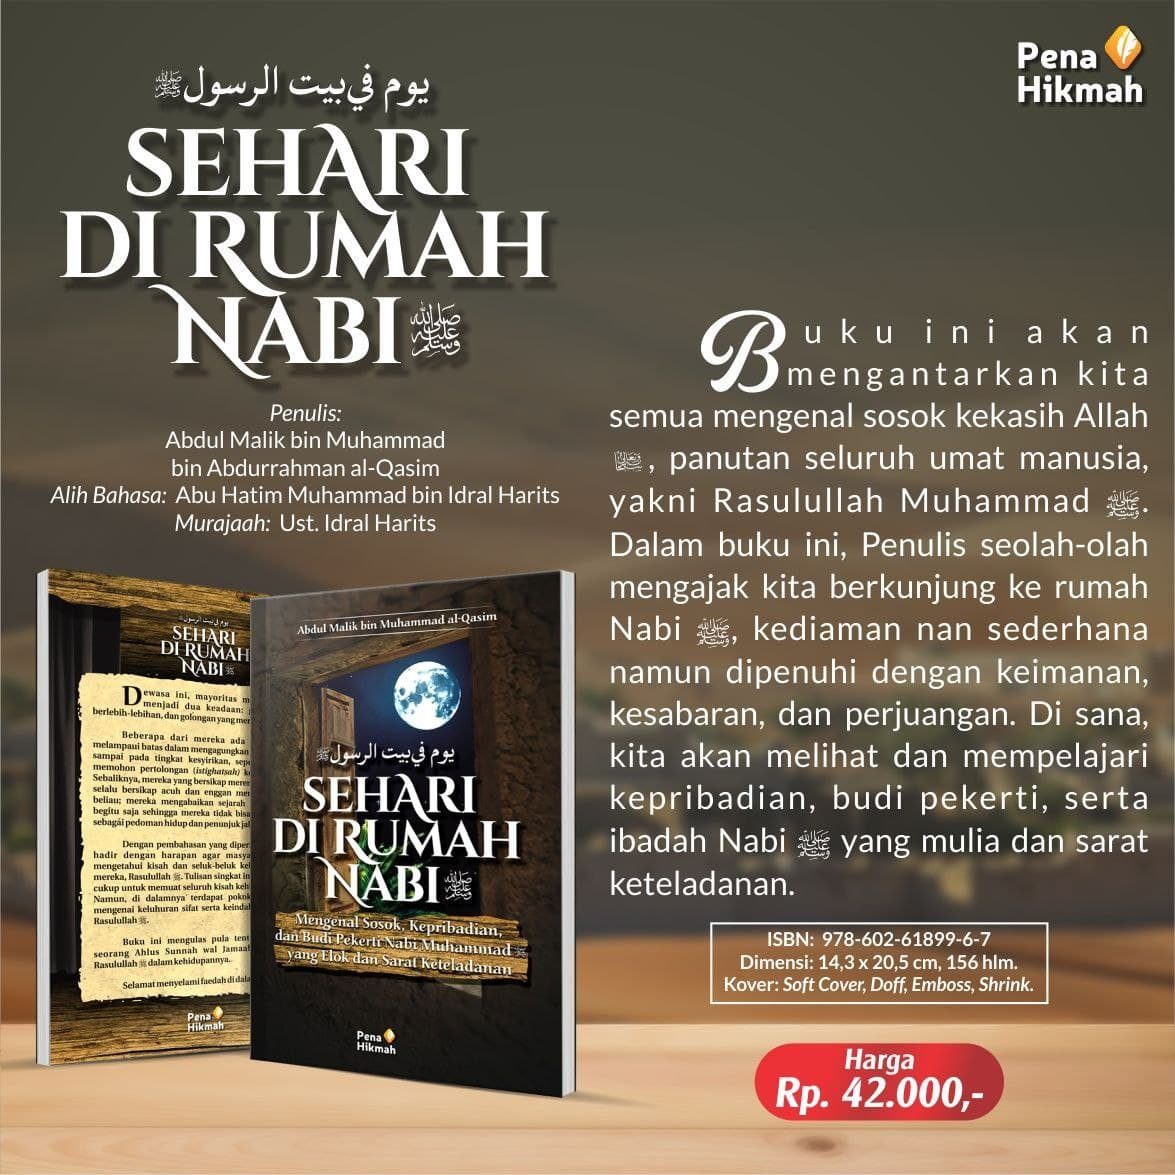 Buku Sehari di Rumah Nabi ﷺ Pena Hikmah